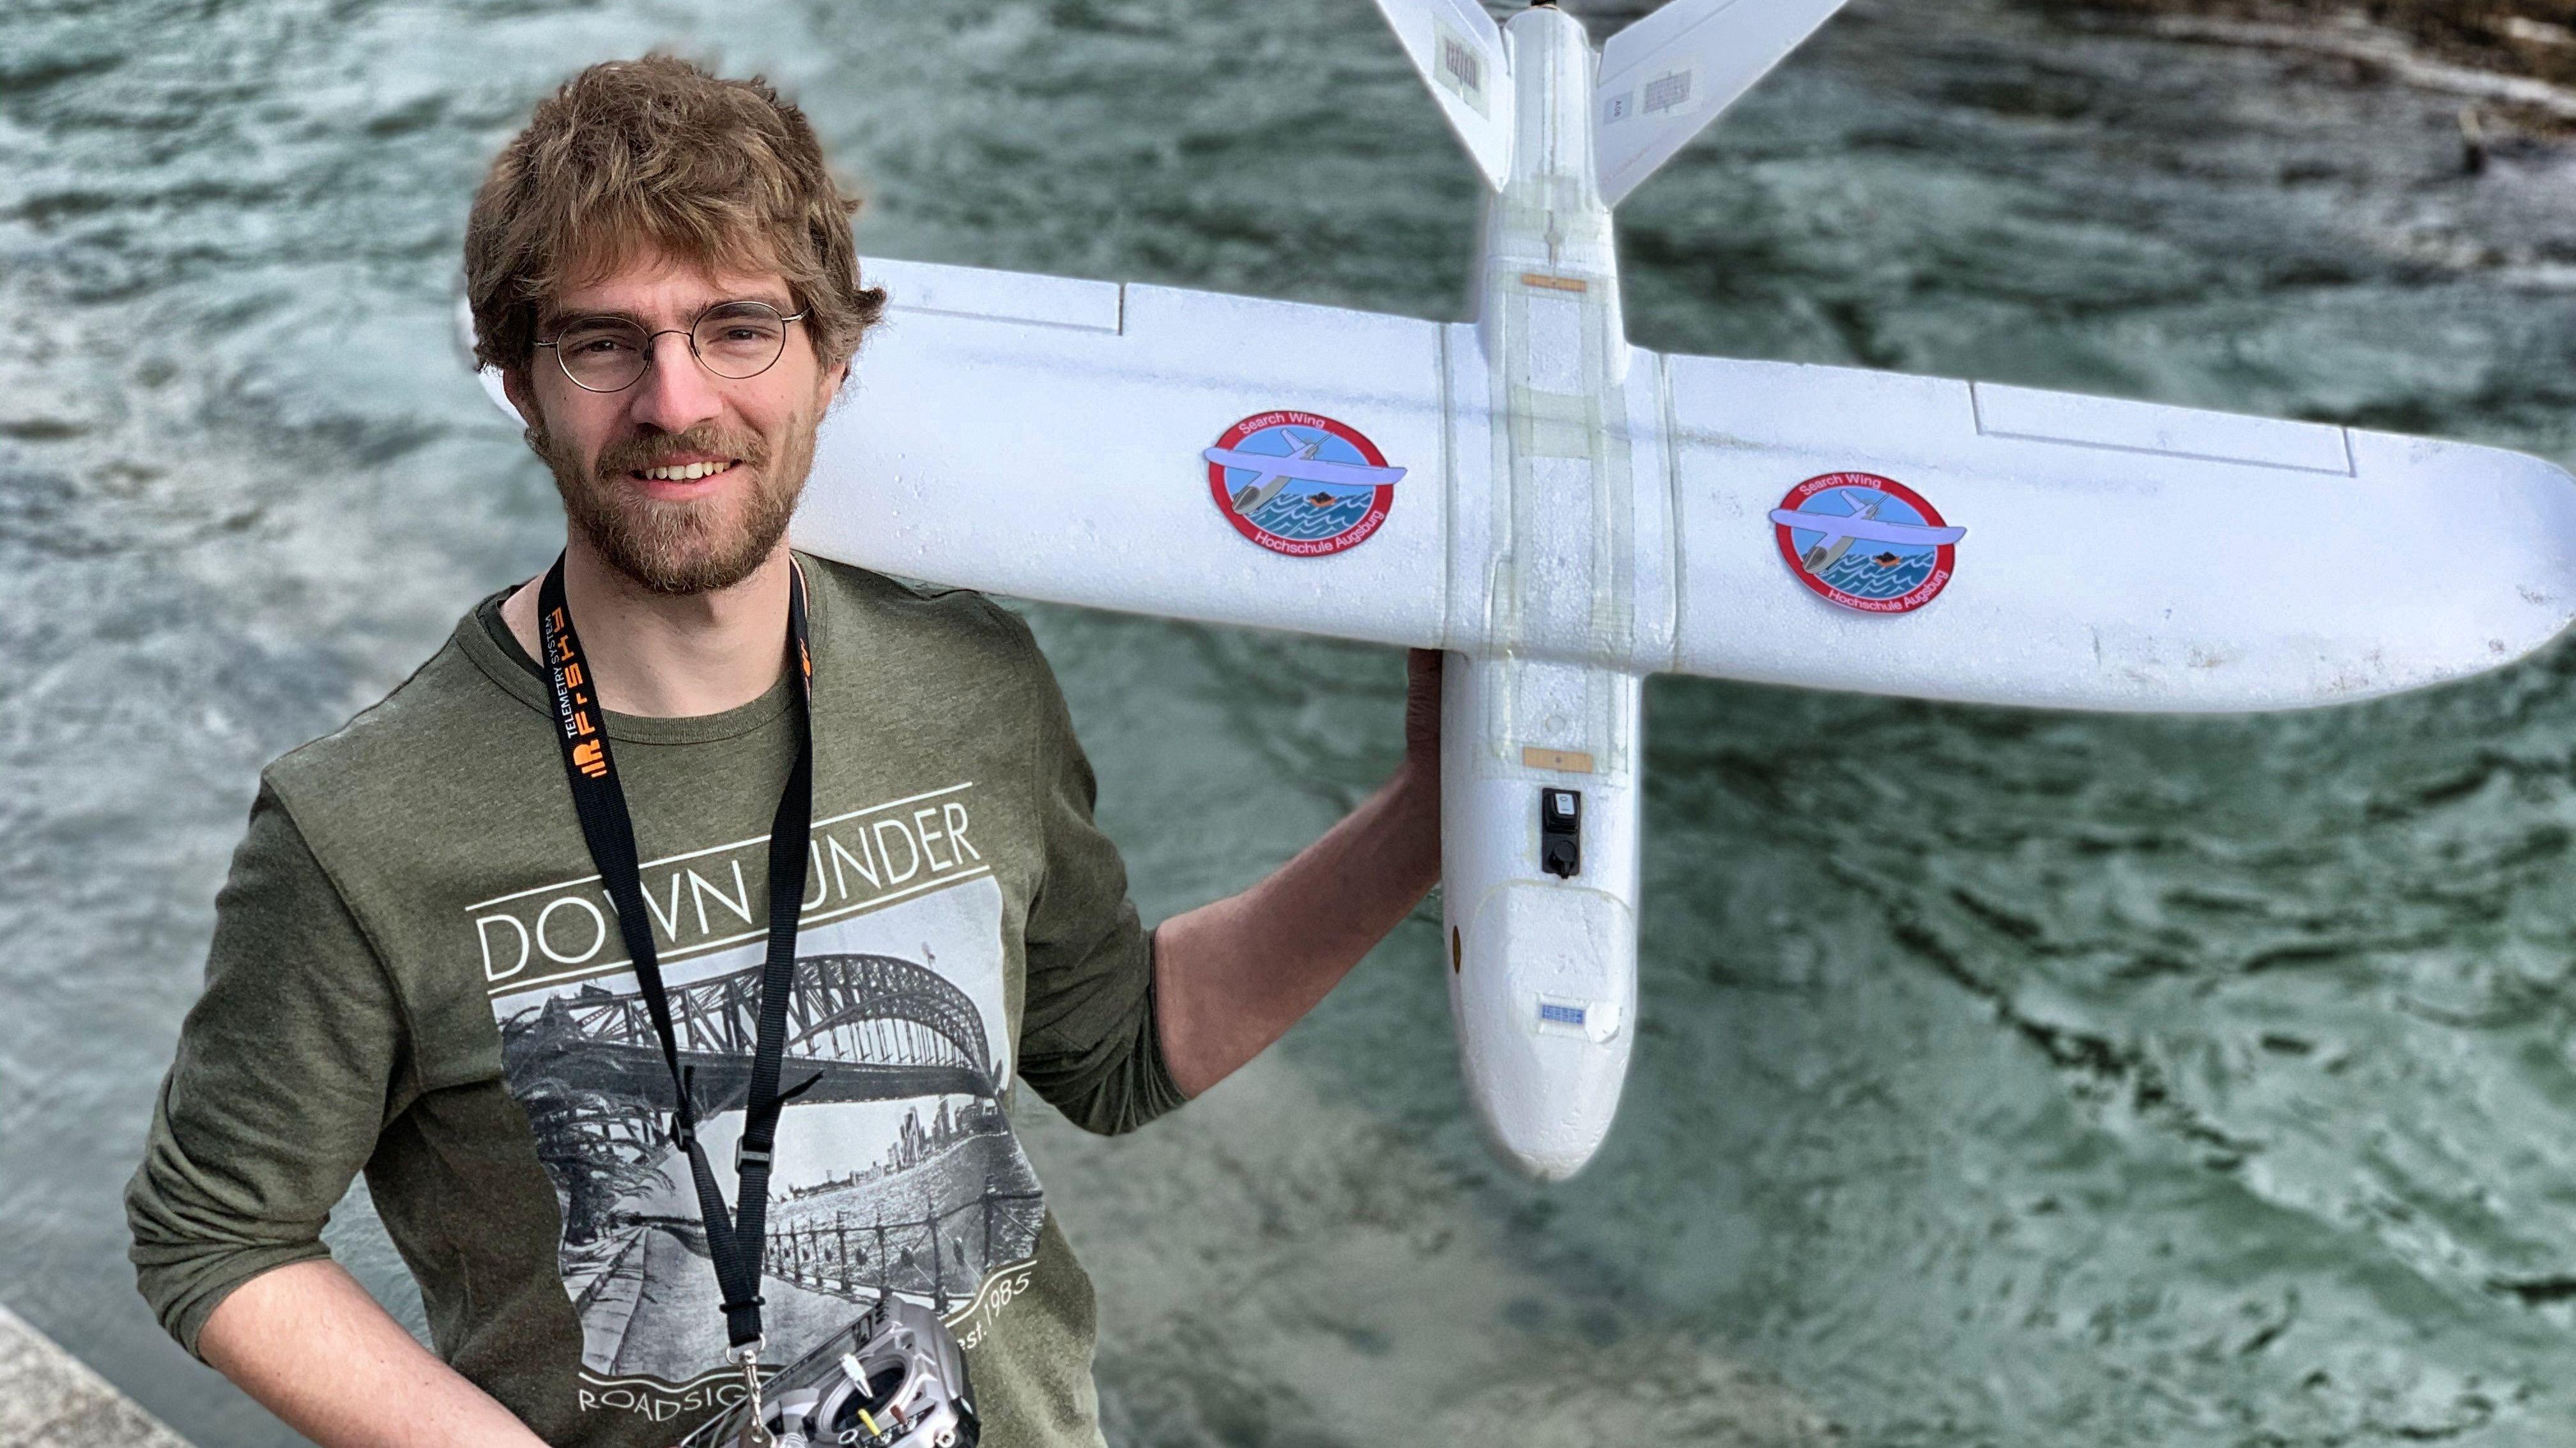 Mit dieser selbst konstruierten Drohne wollen die Seenotretter im Mittelmeer nach Schiffbrüchigen suchen.